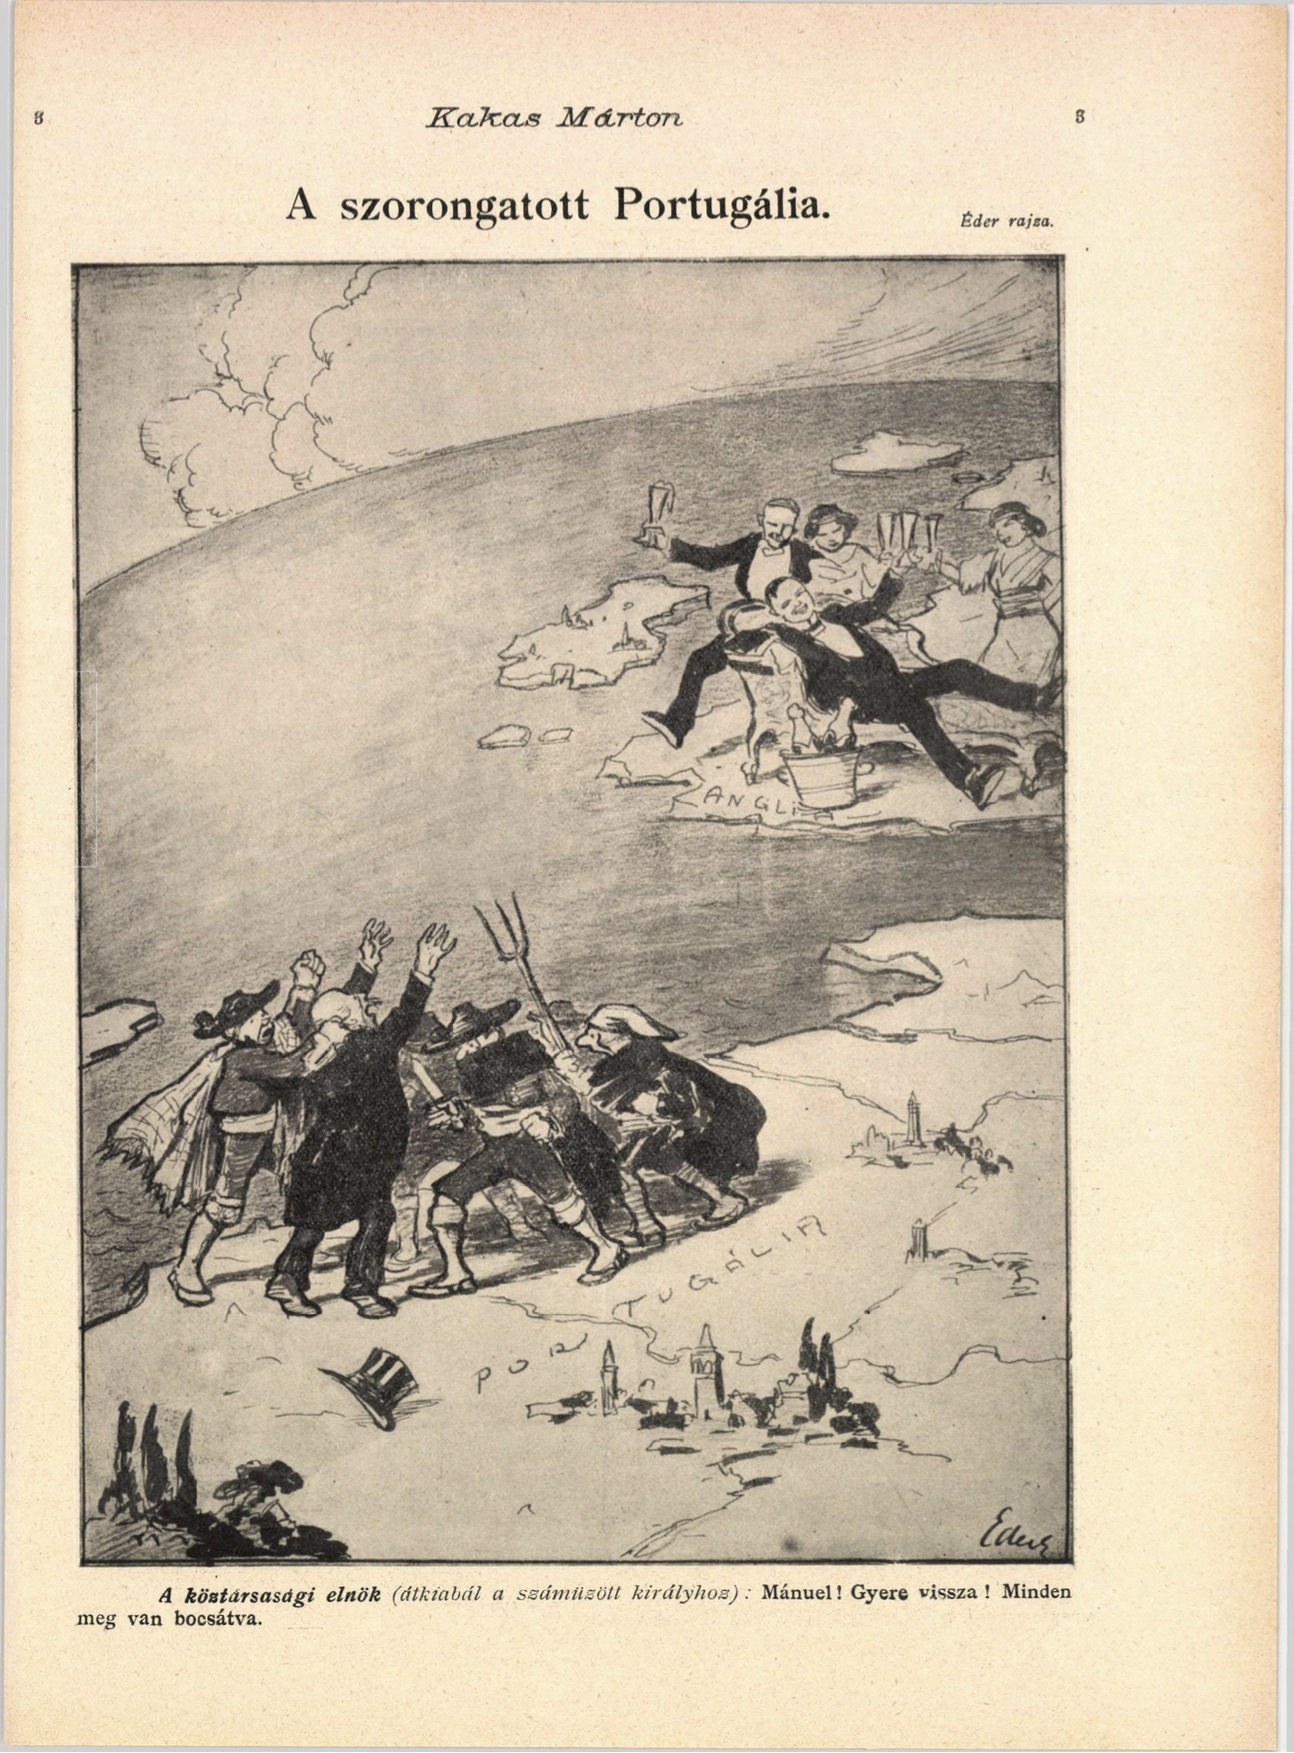 kakasmarton_19110122_pages58-58.jpg